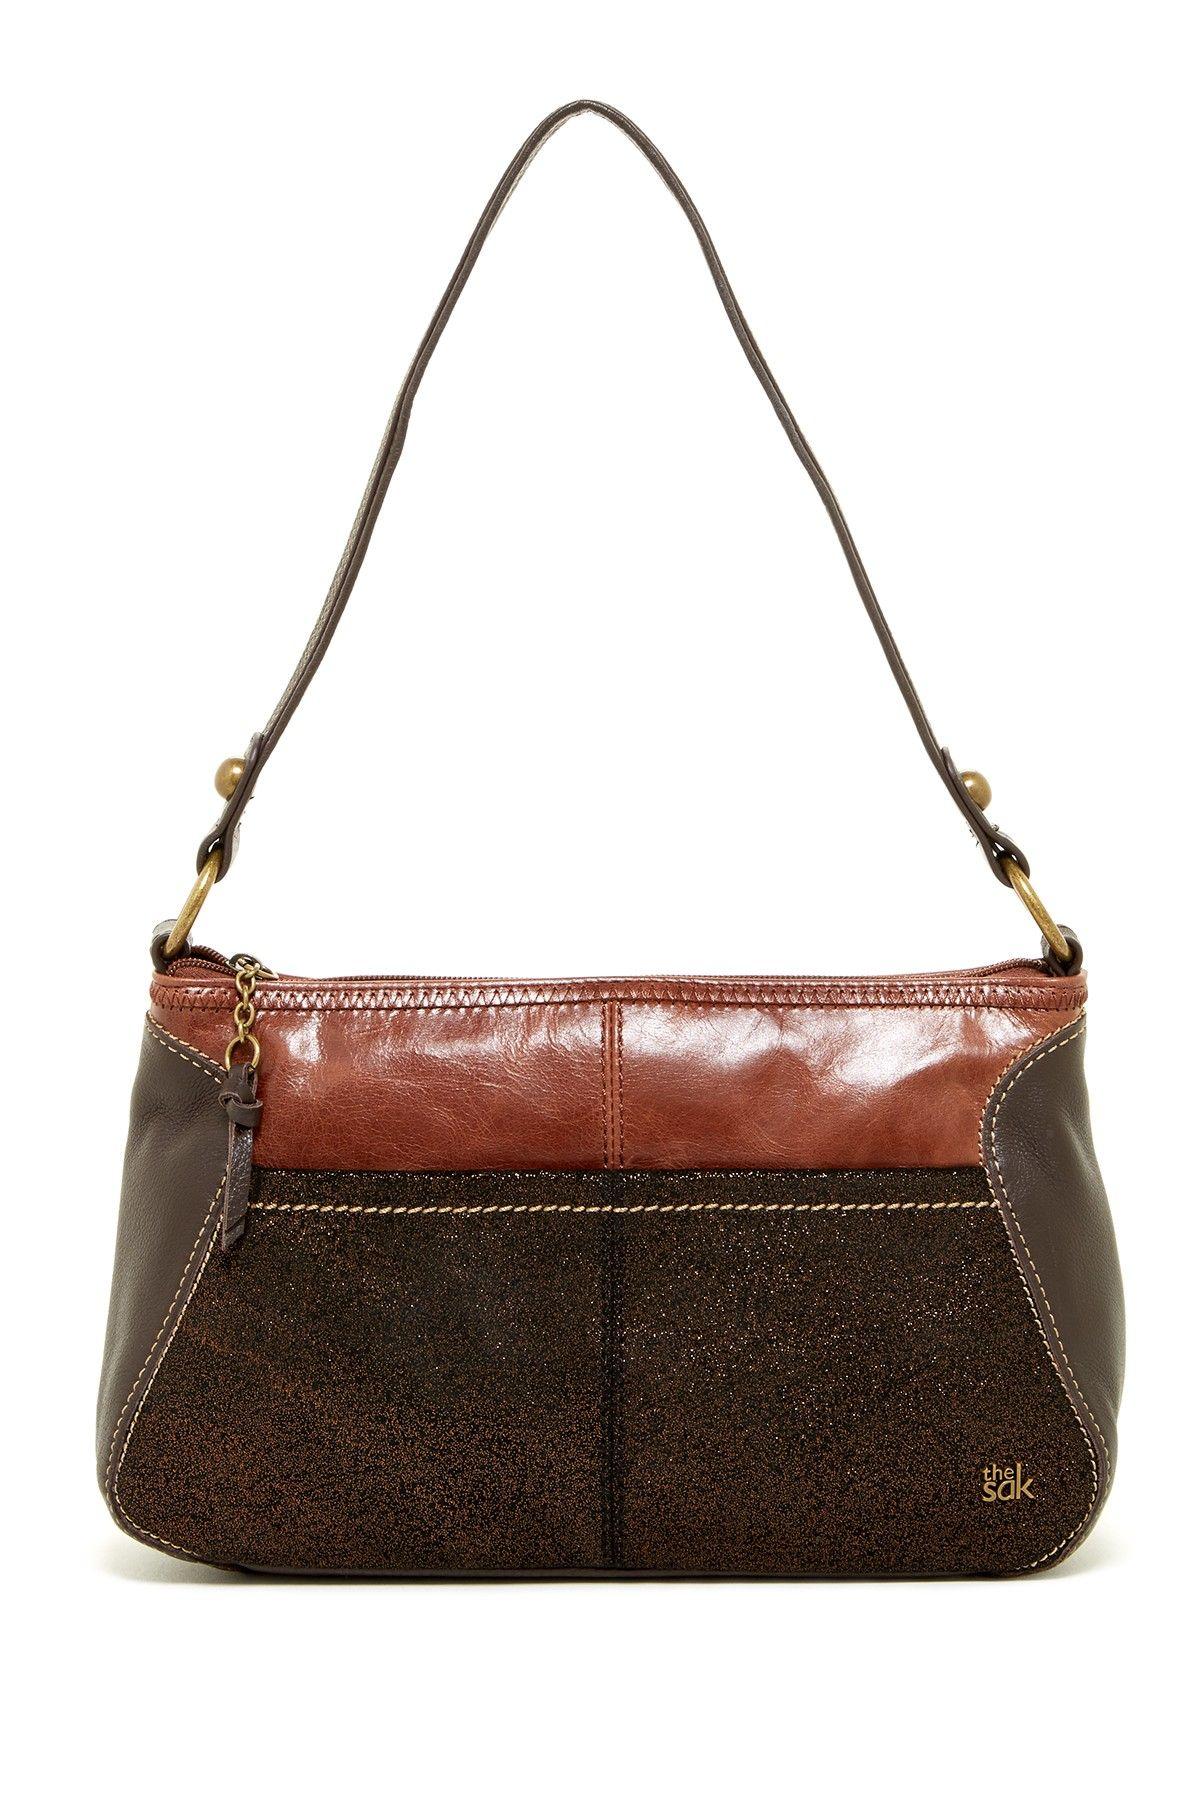 The Sak   Iris Leather Shoulder Bag   Nordstrom, Shops and Leather ...